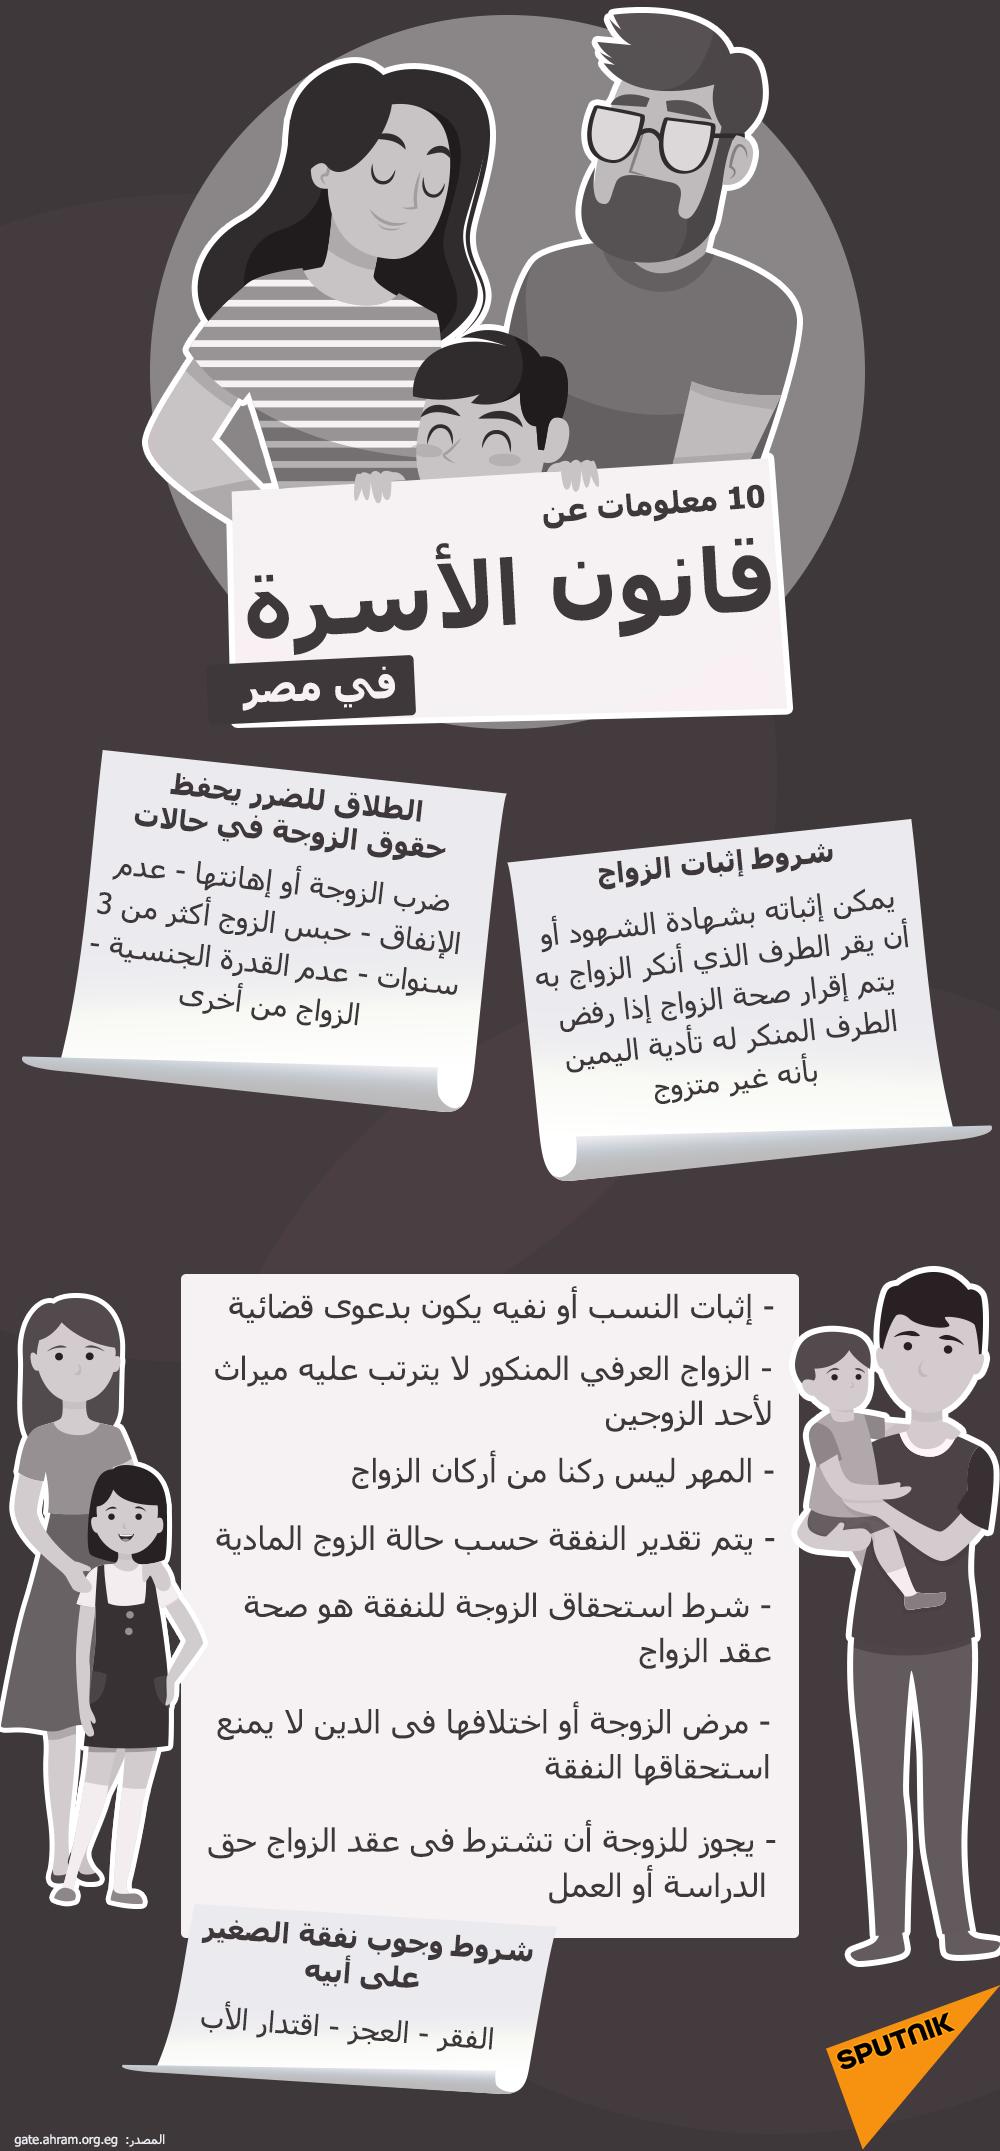 إنفوجرافيك.. 10 معلومات عن قانون الأسرة فى مصر